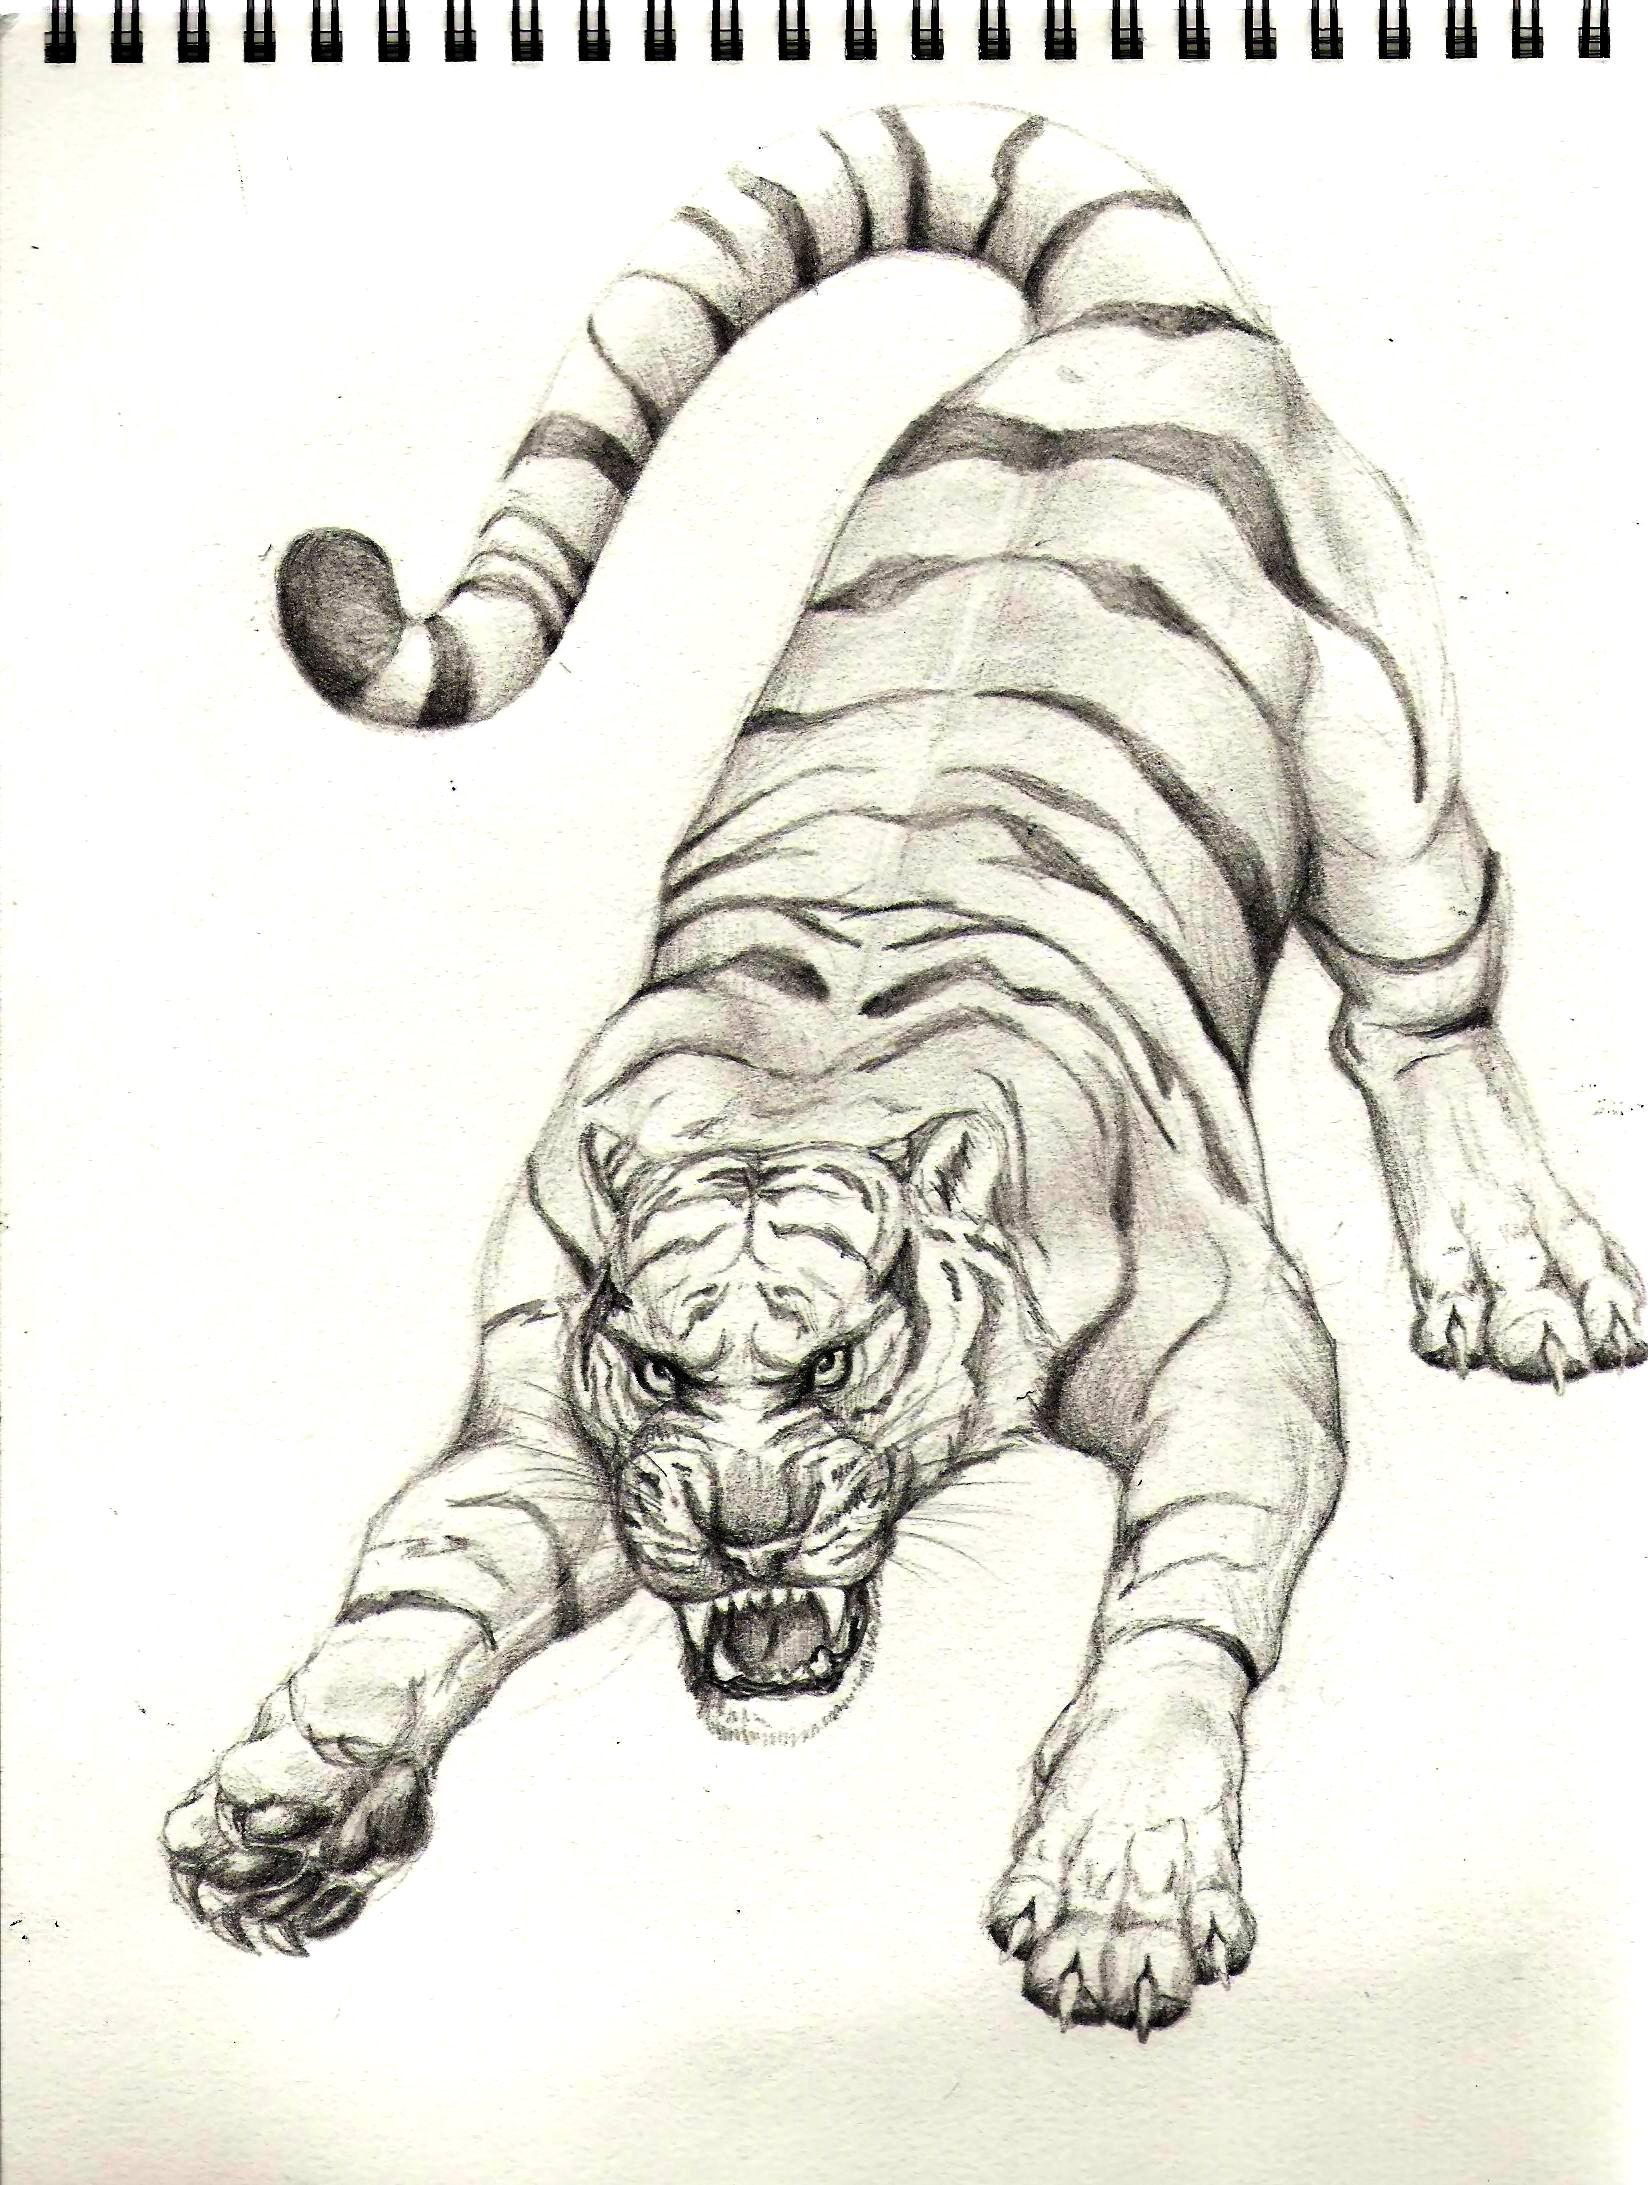 White Tiger Animal DrawingWhite Tiger Drawings